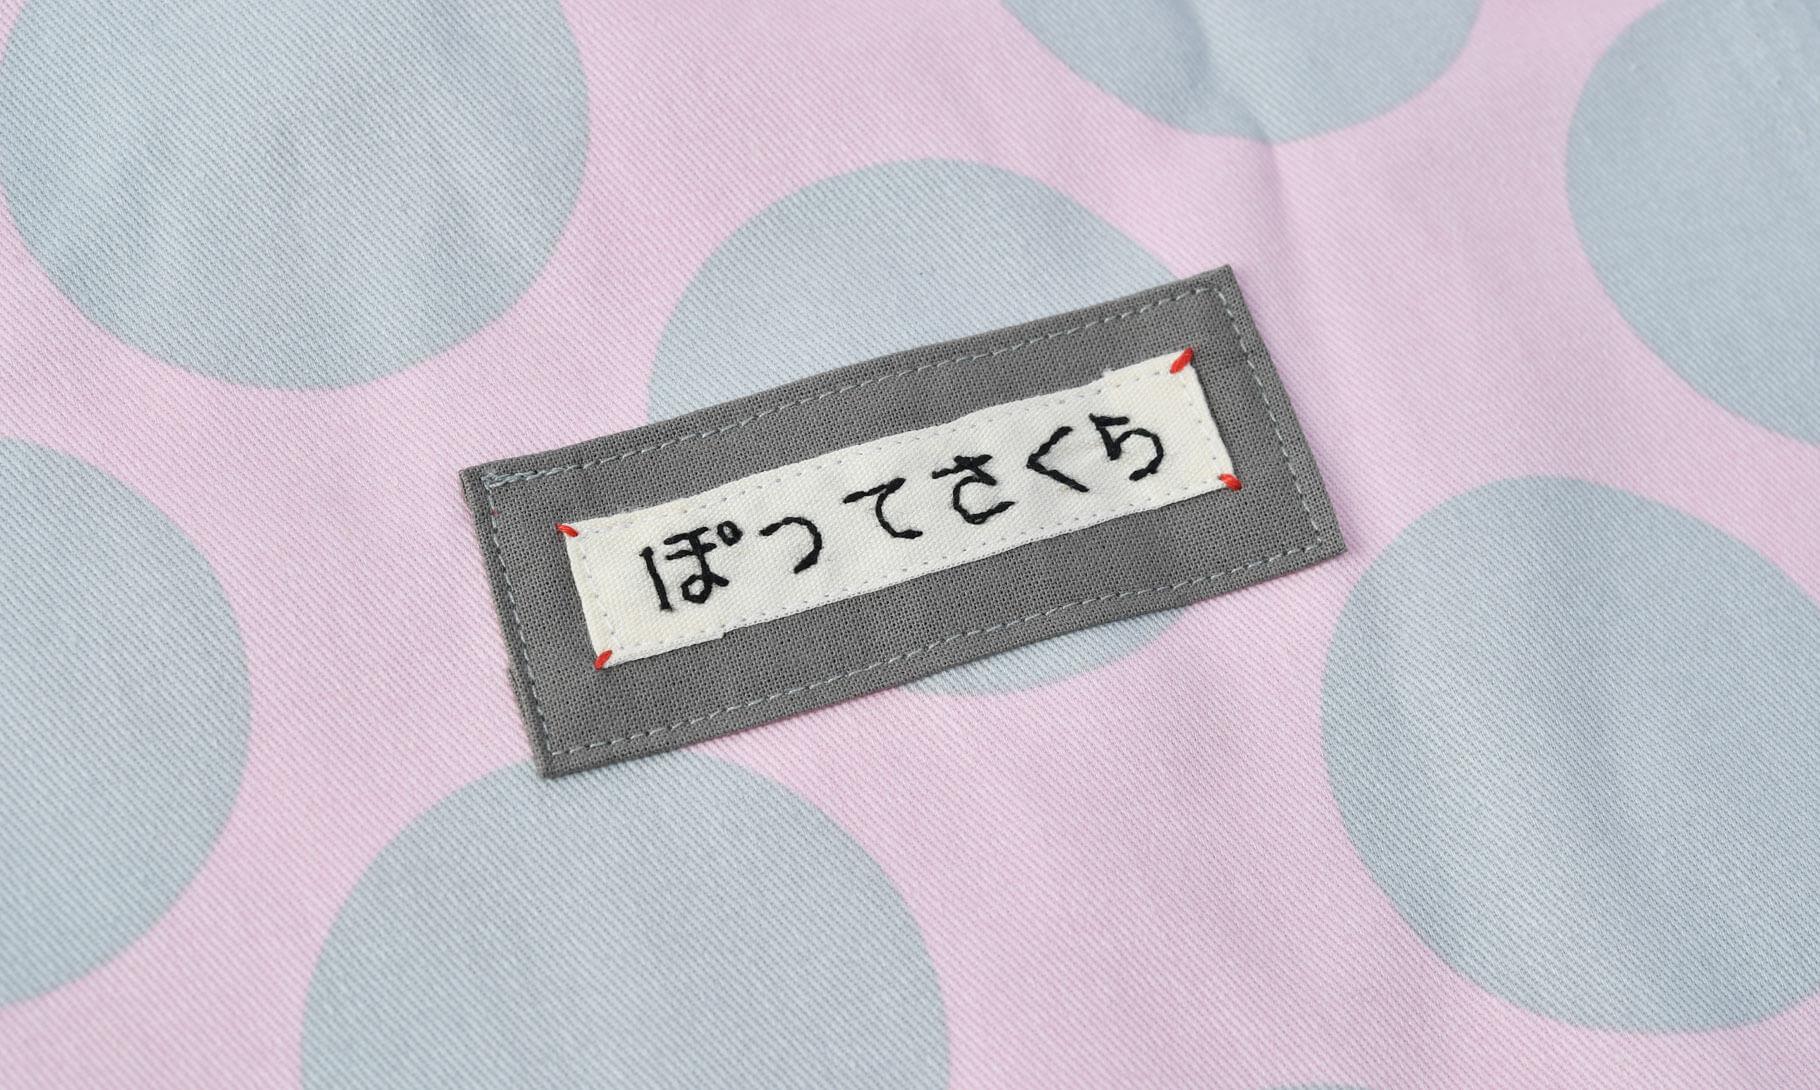 弁当袋名入れのネームタグ刺繍